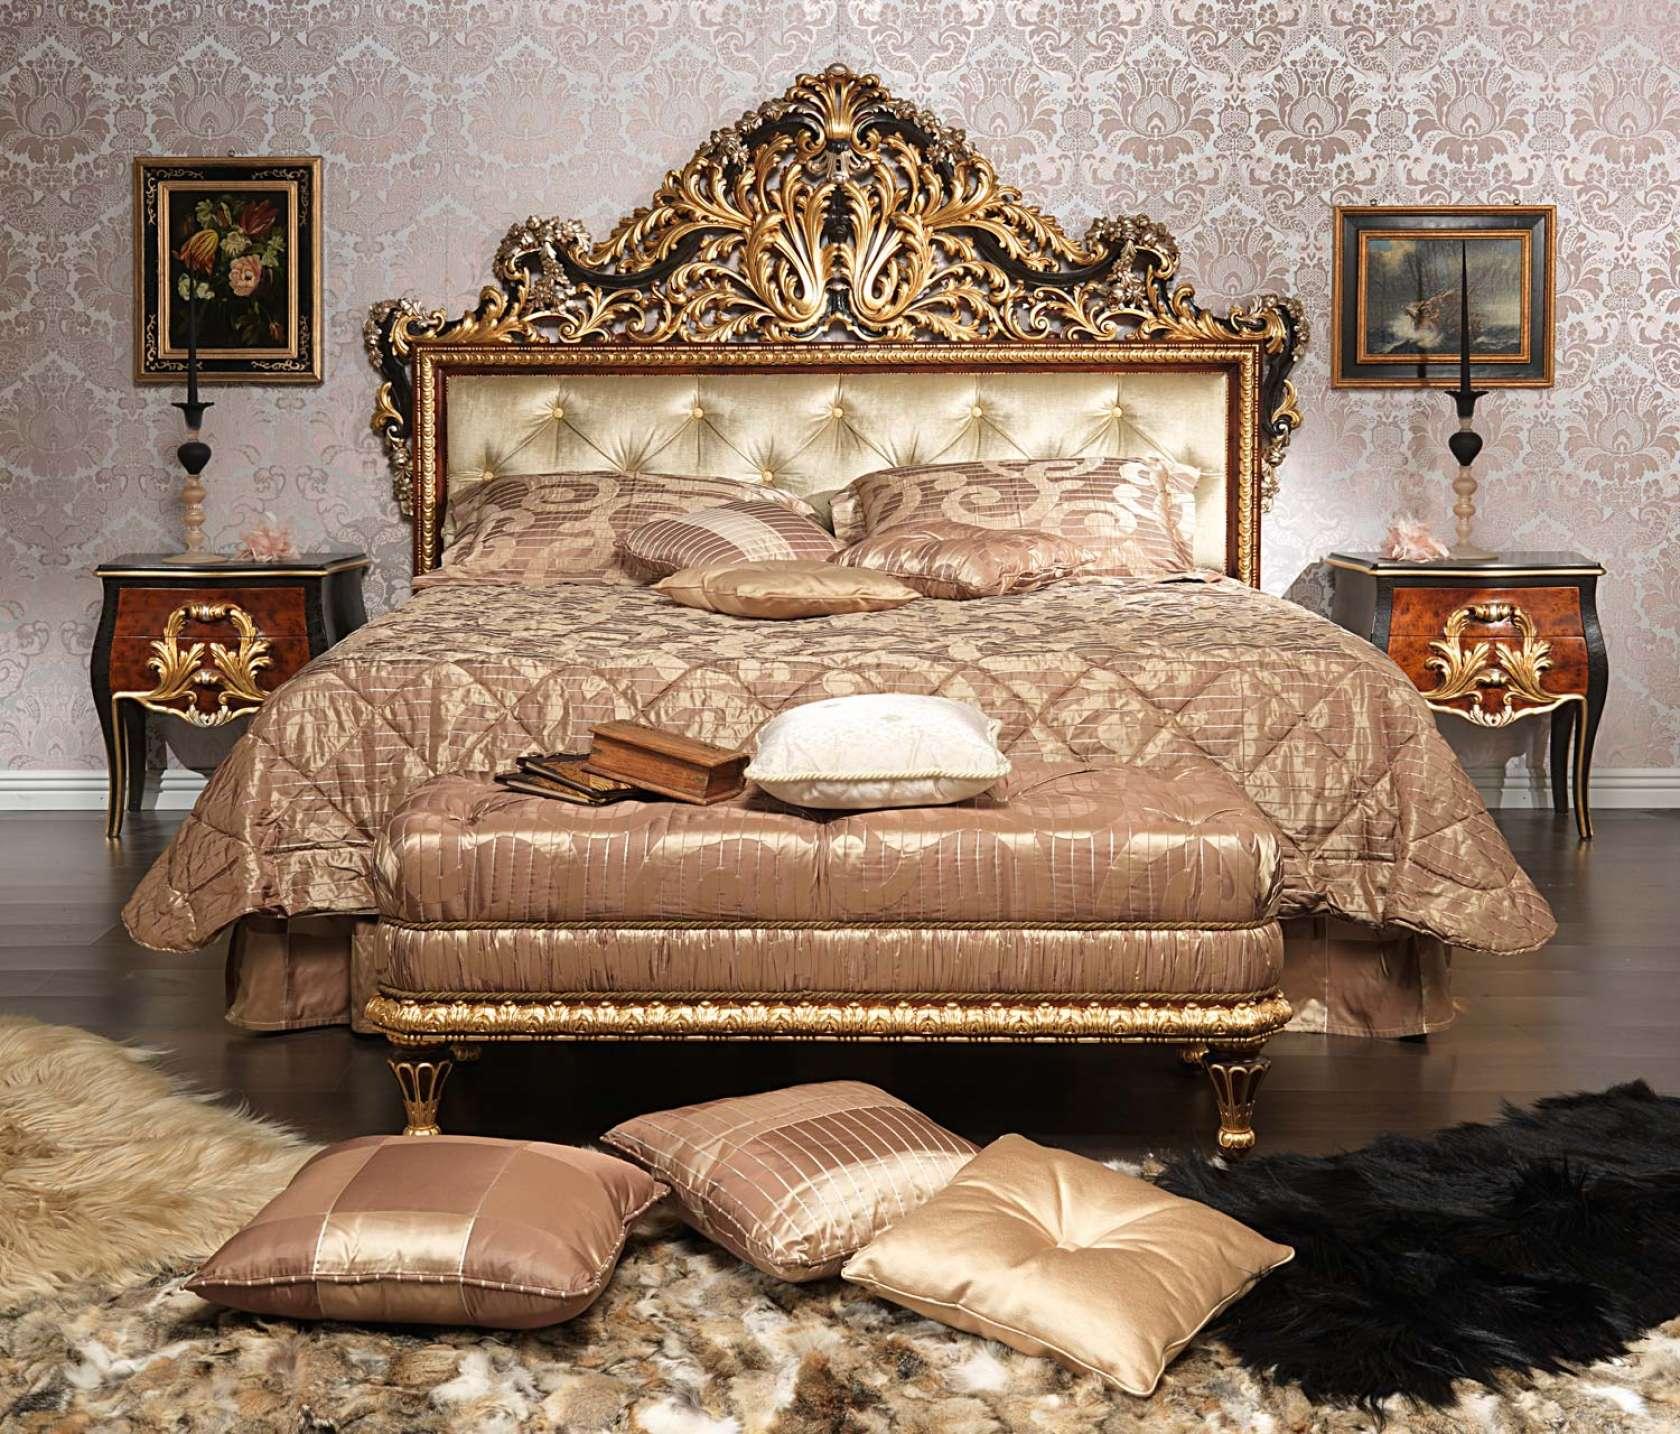 Classic Louis XV Bedroom Emperador Black